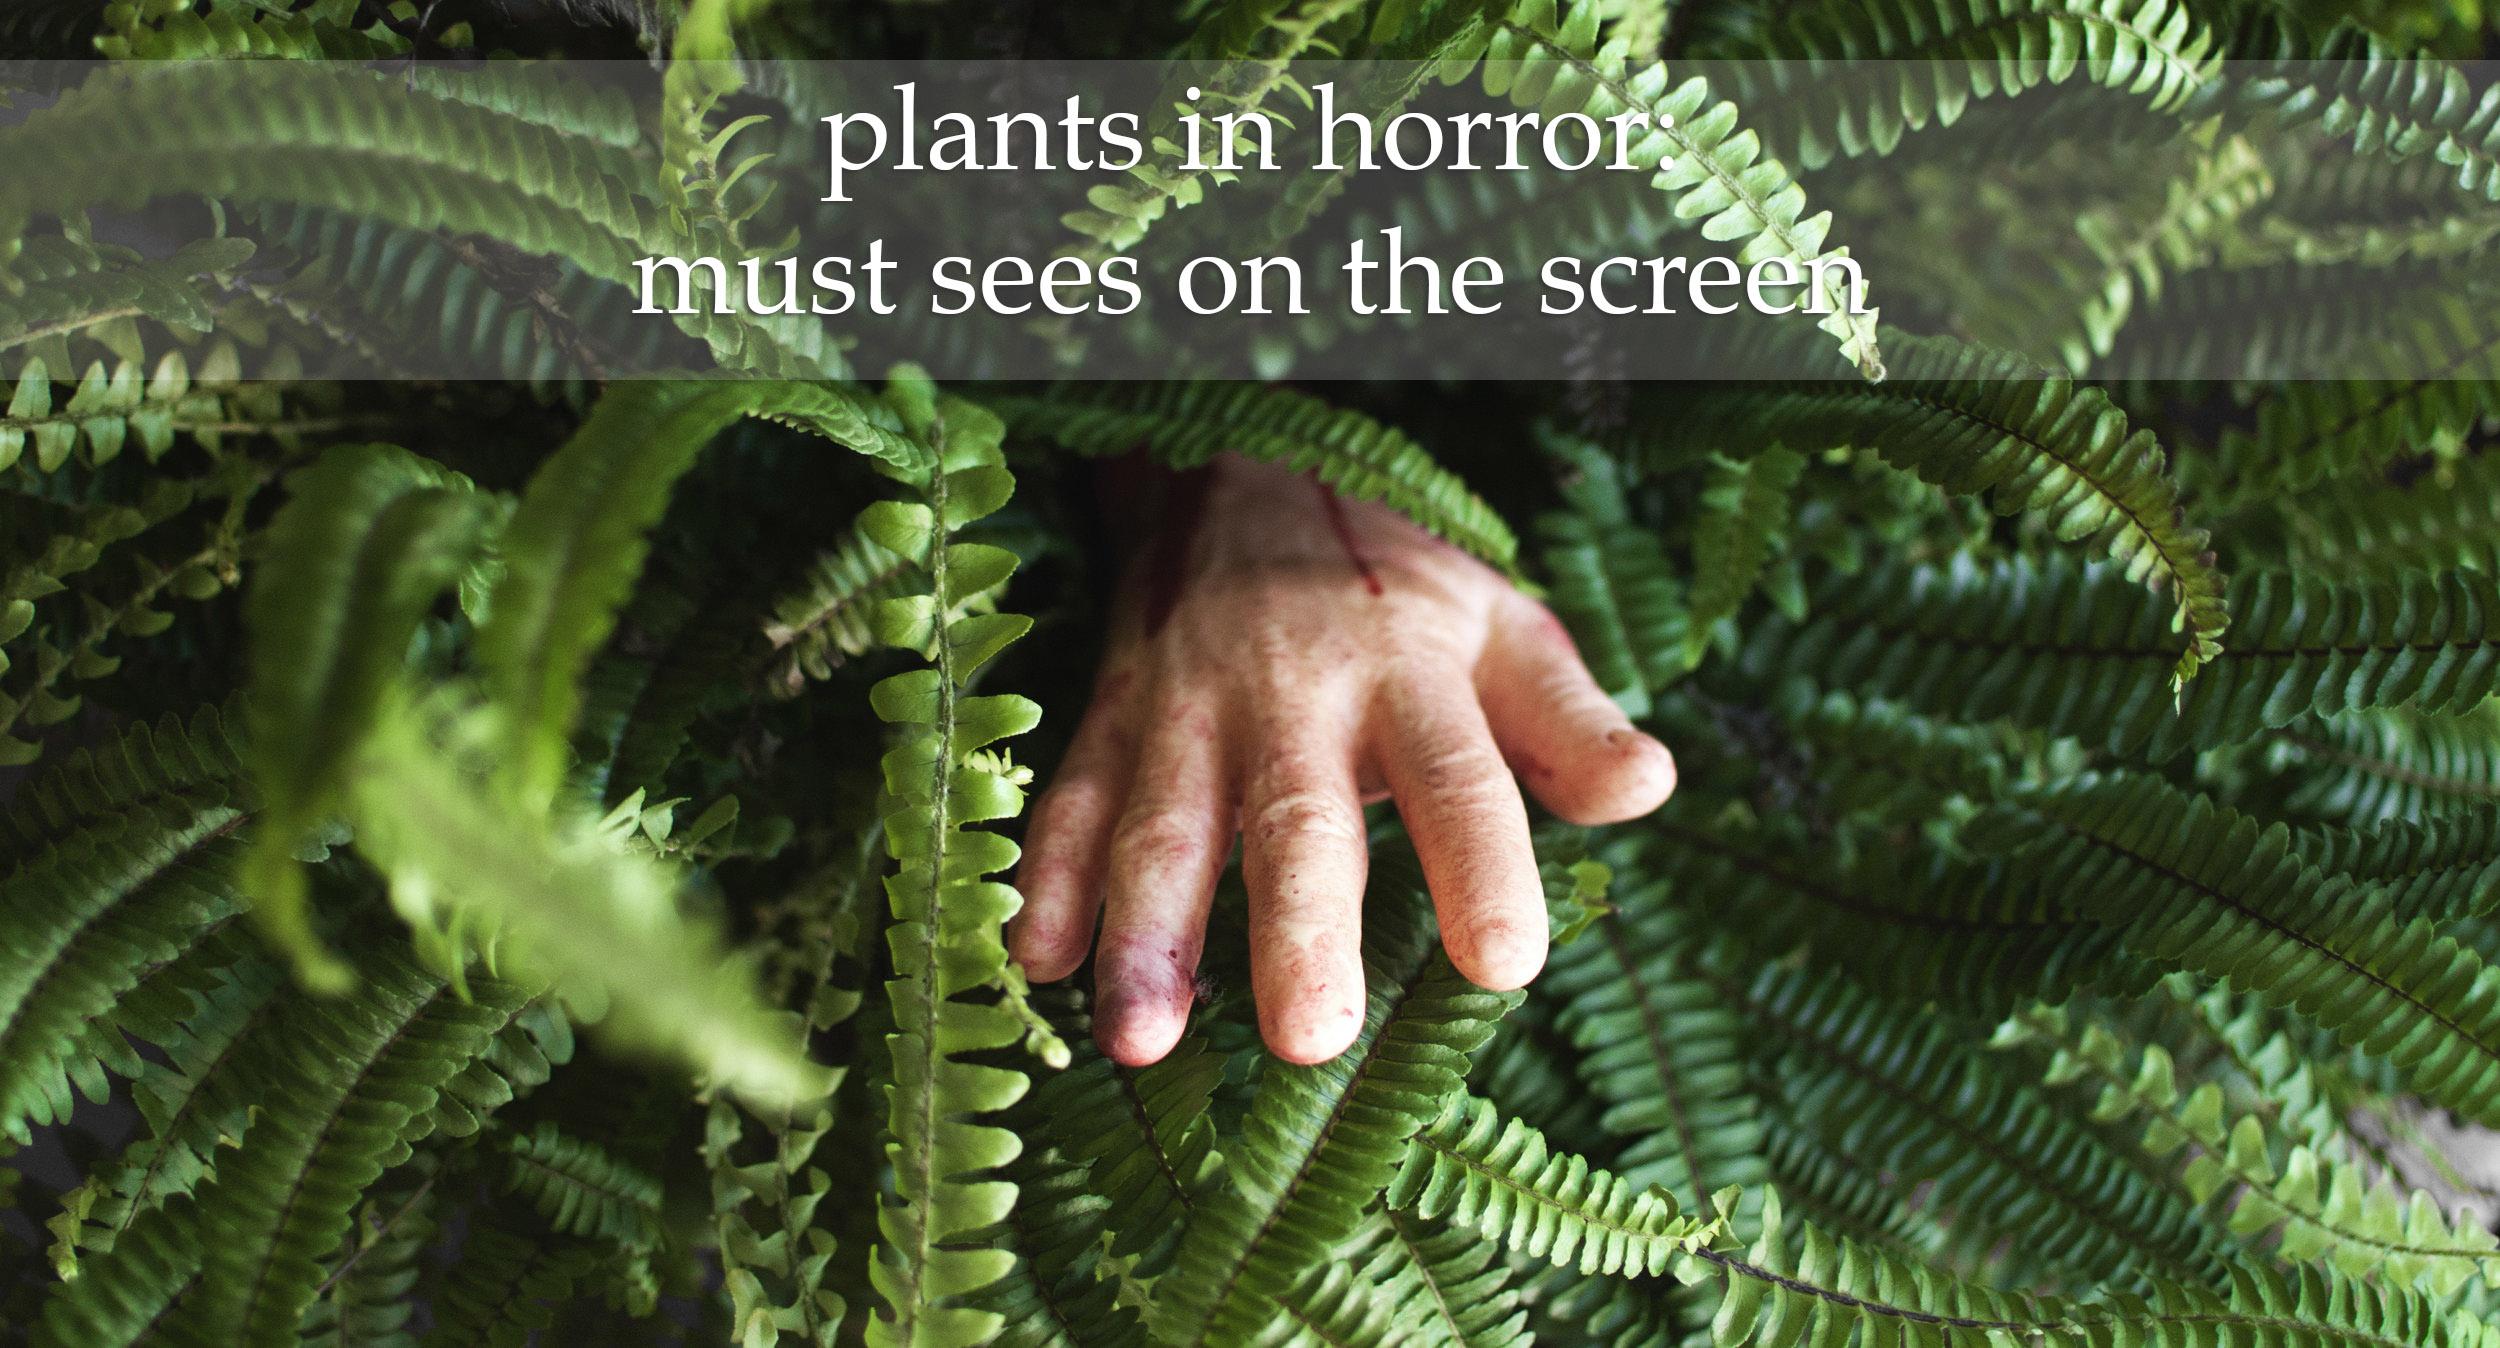 plantsinhorror.jpg